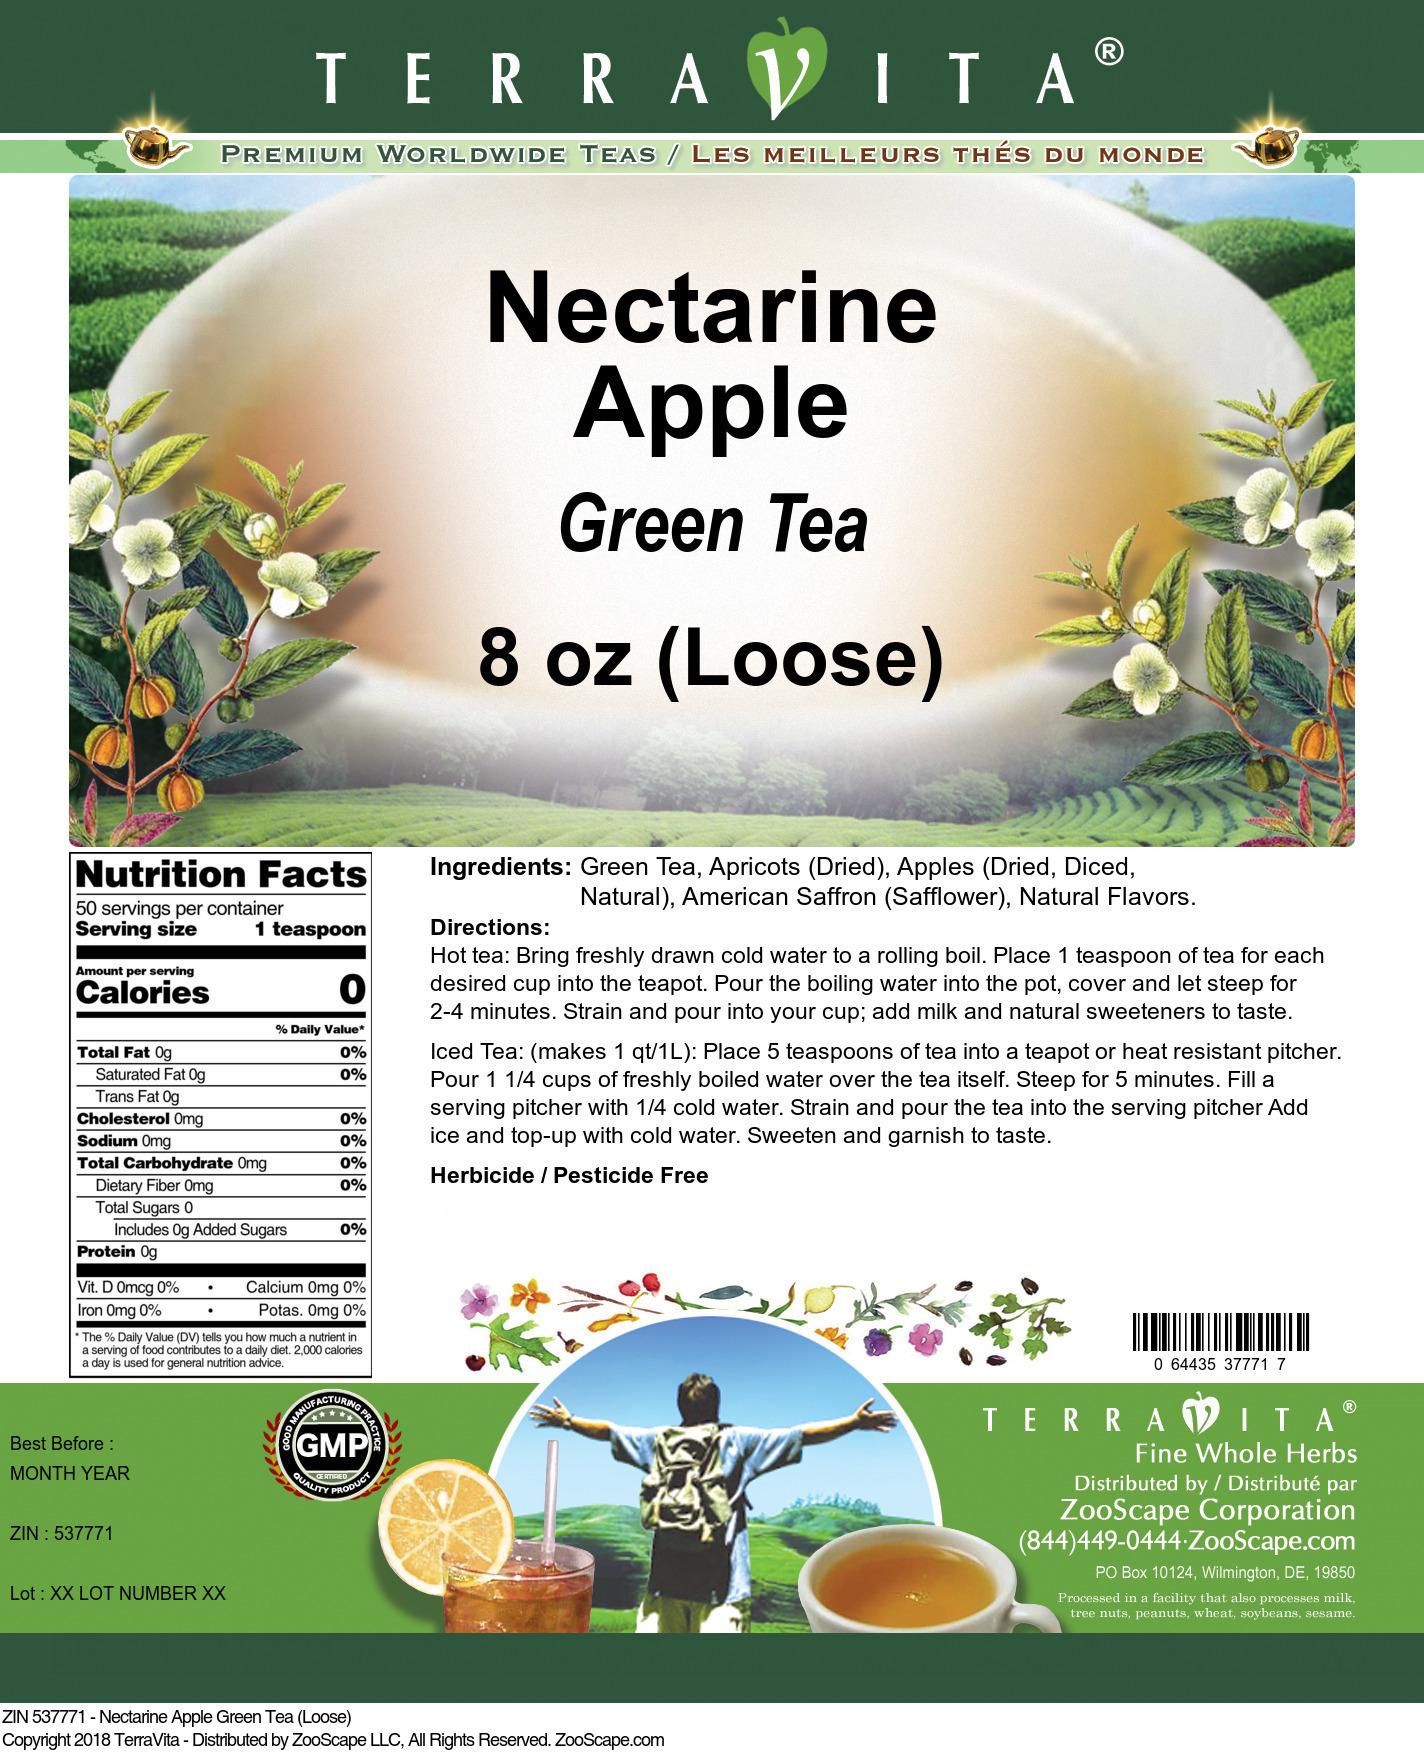 Nectarine Apple Green Tea